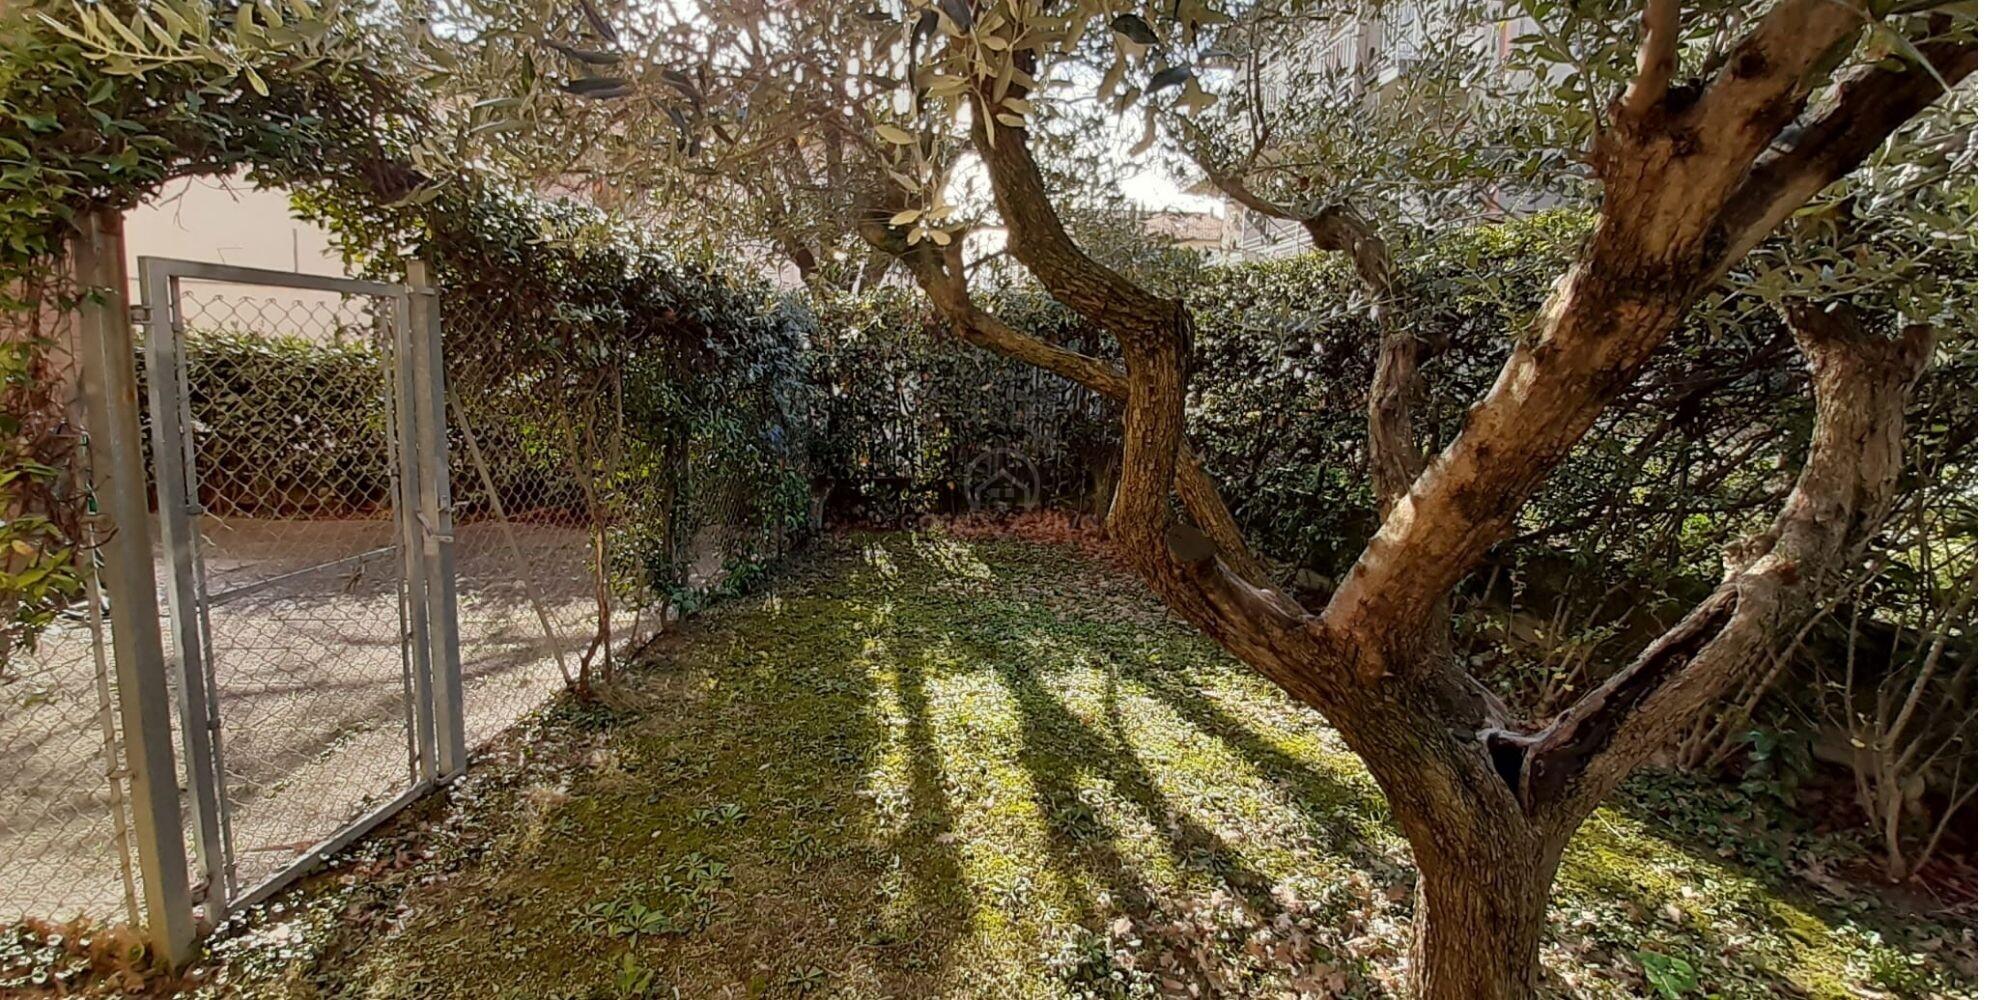 Rovereta: appartamento con giardino in affitto molto carino e accessoriato